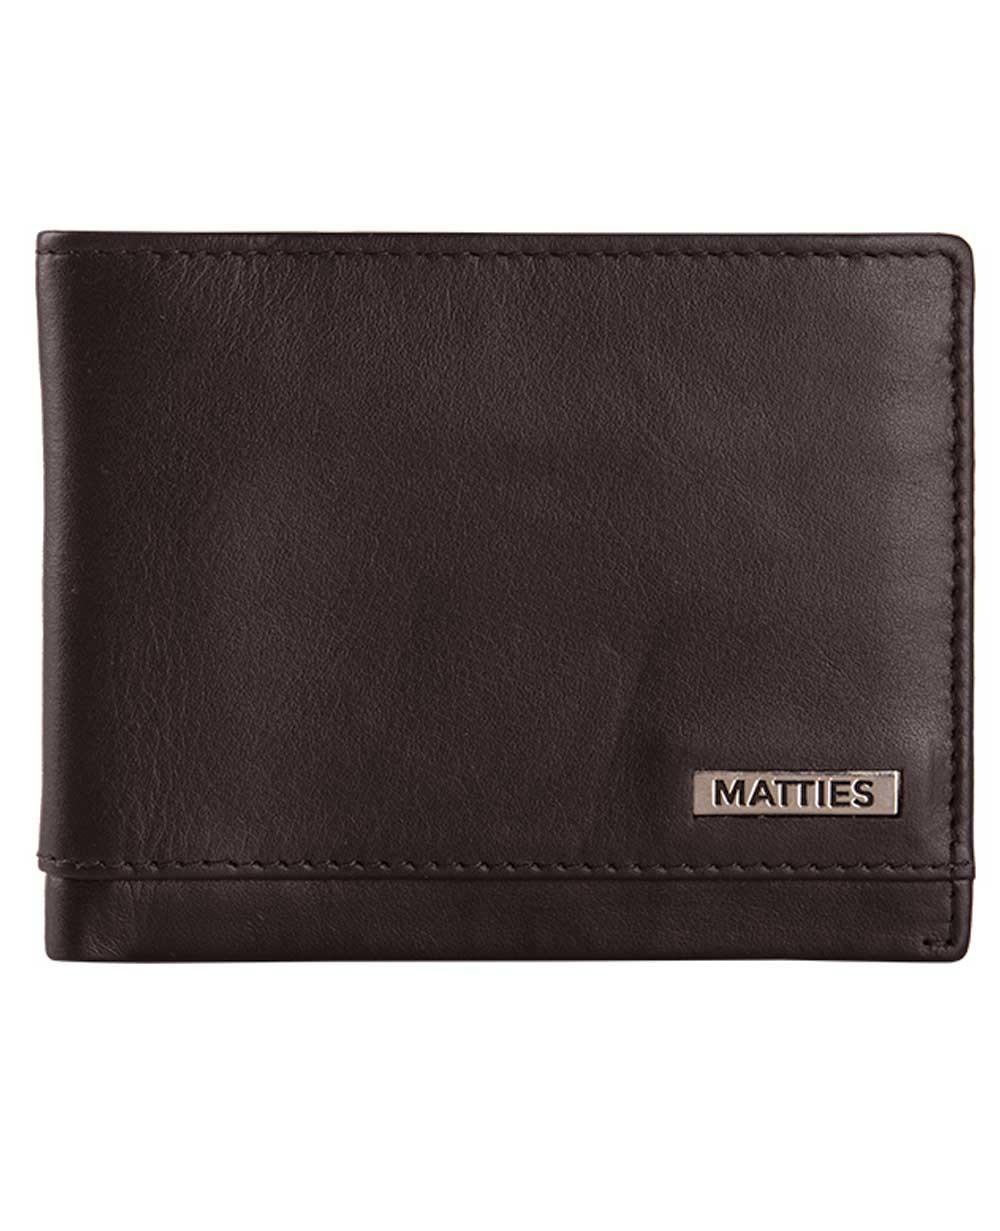 Matties Bags Valentino Billetero americano de Piel Marrón (Foto )